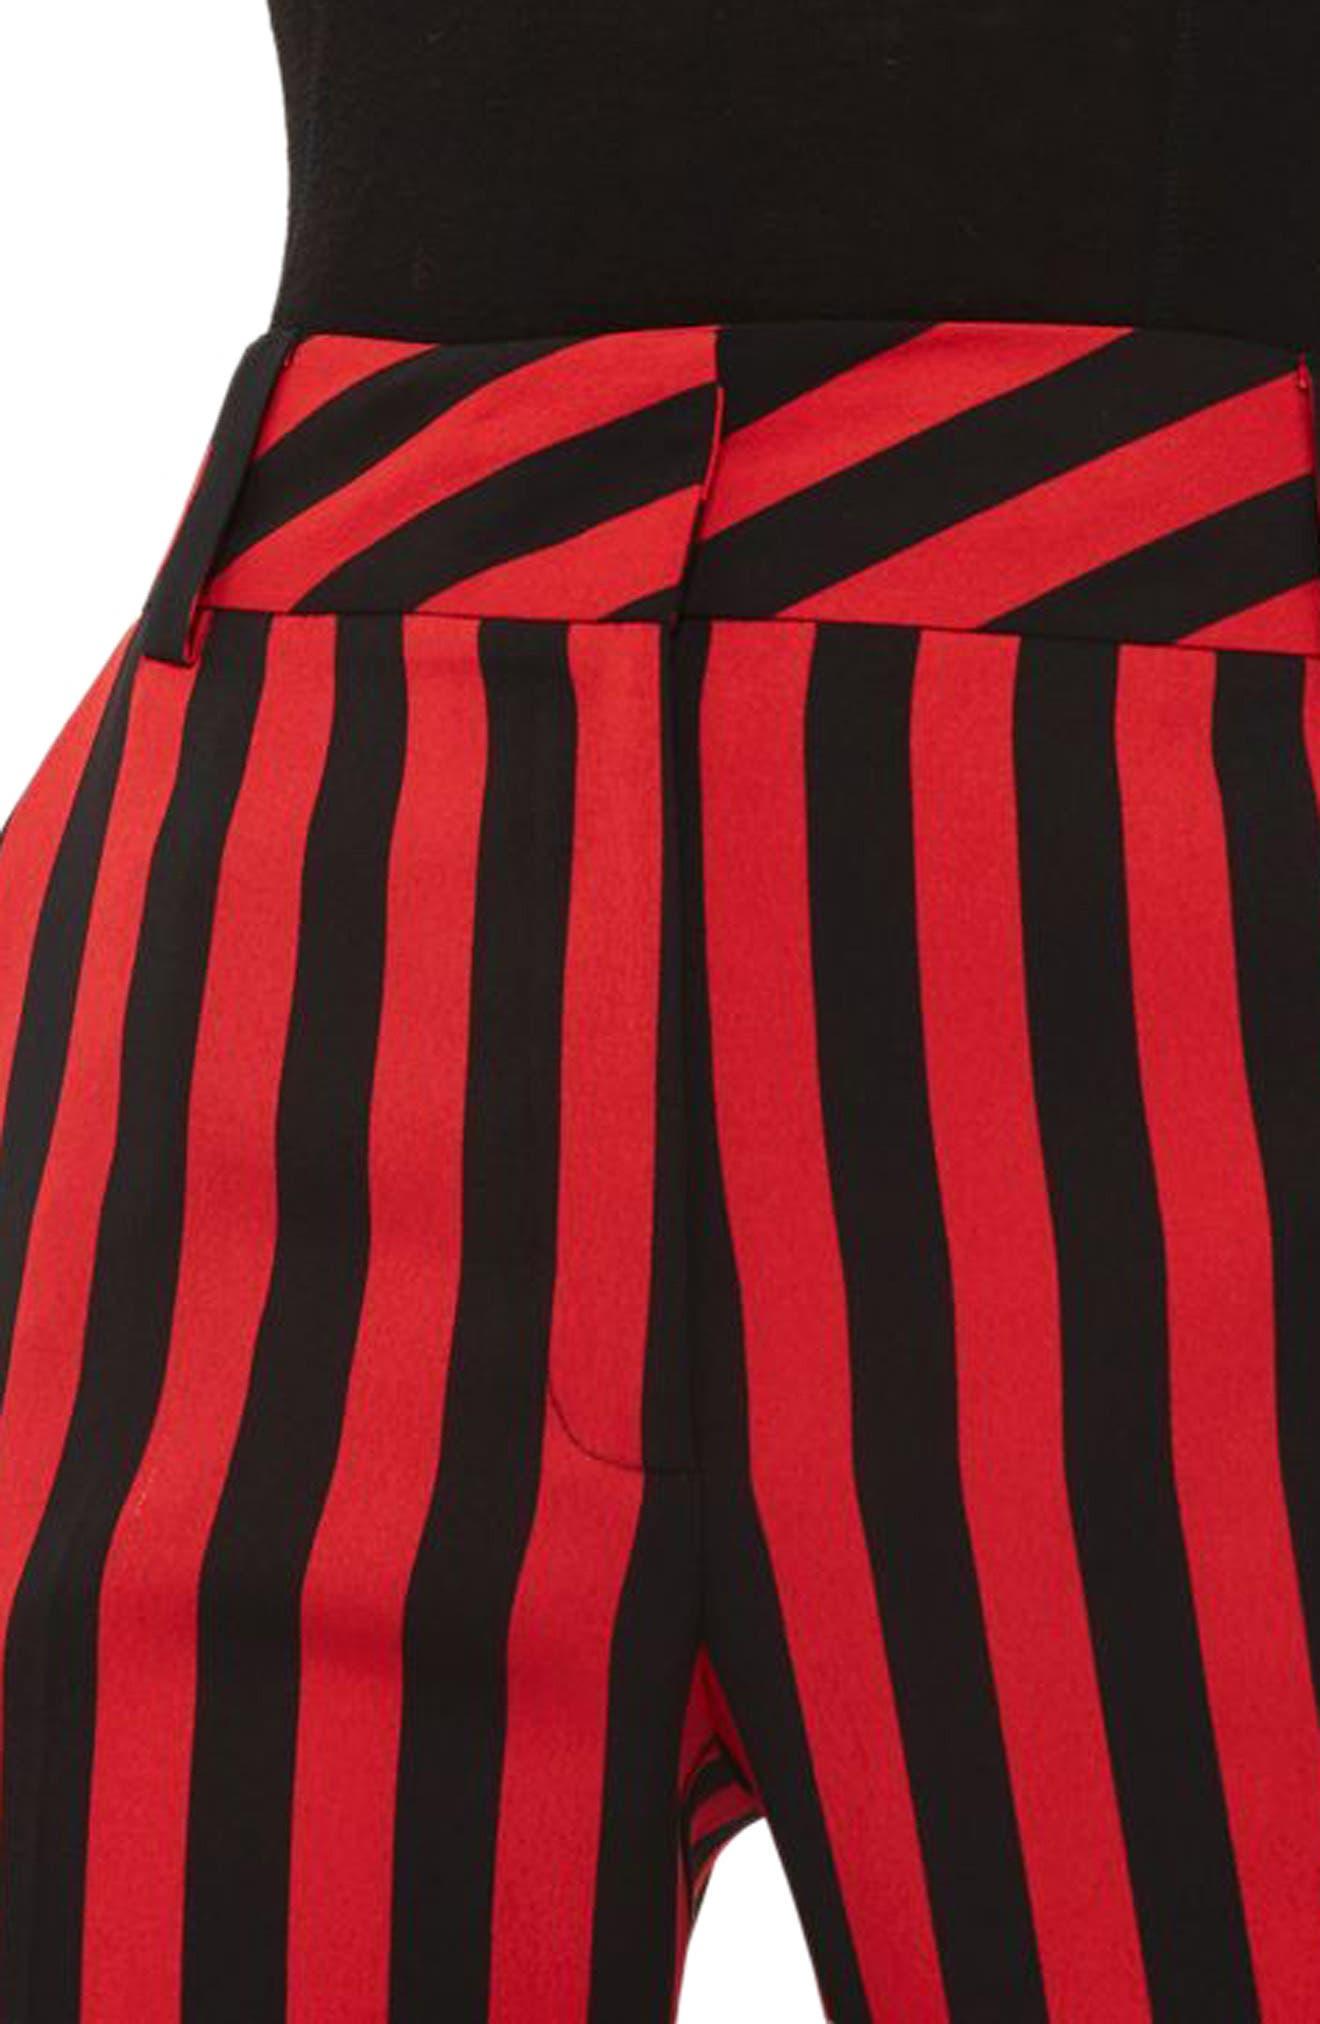 Humbug Stripe Trousers,                             Alternate thumbnail 8, color,